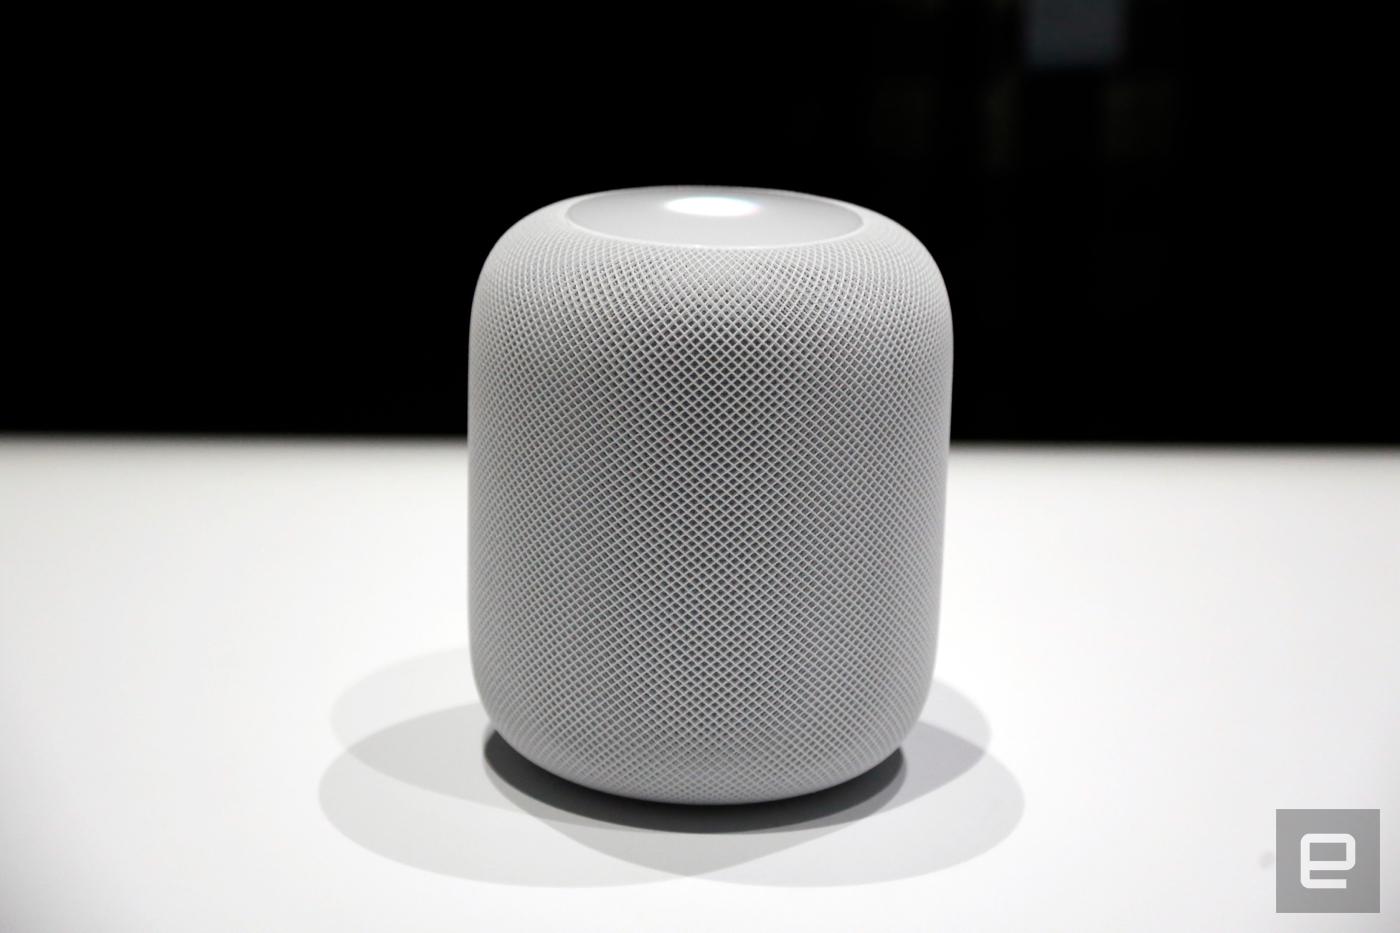 Apple retrasa su altavoz inteligente HomePod al 2018